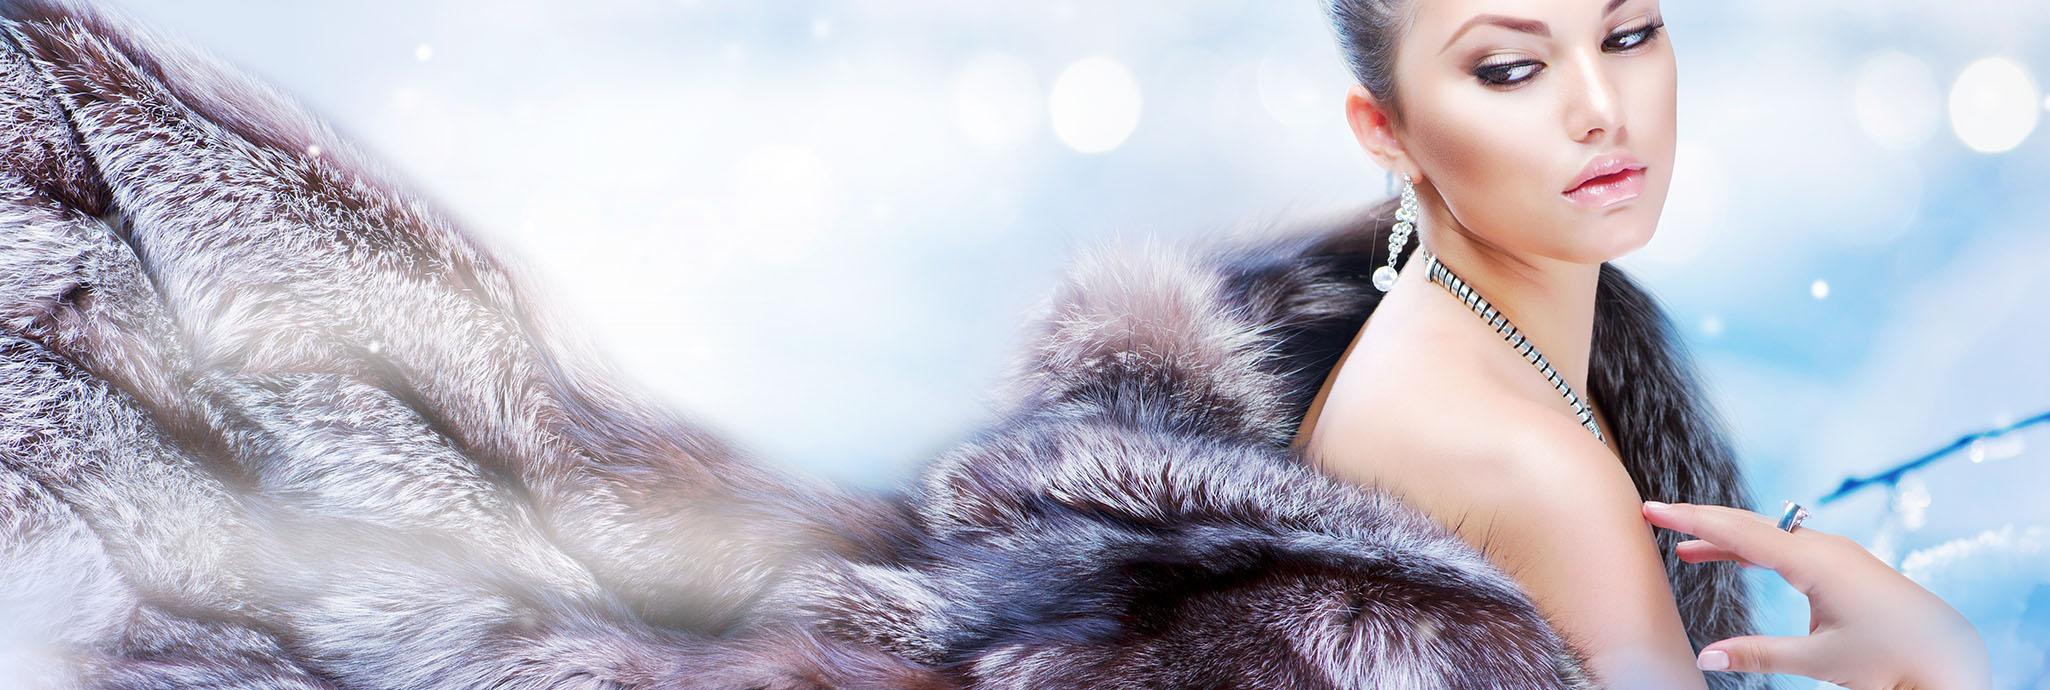 Интернет-магазин стильной верхней одежды на vizhital.com.ua